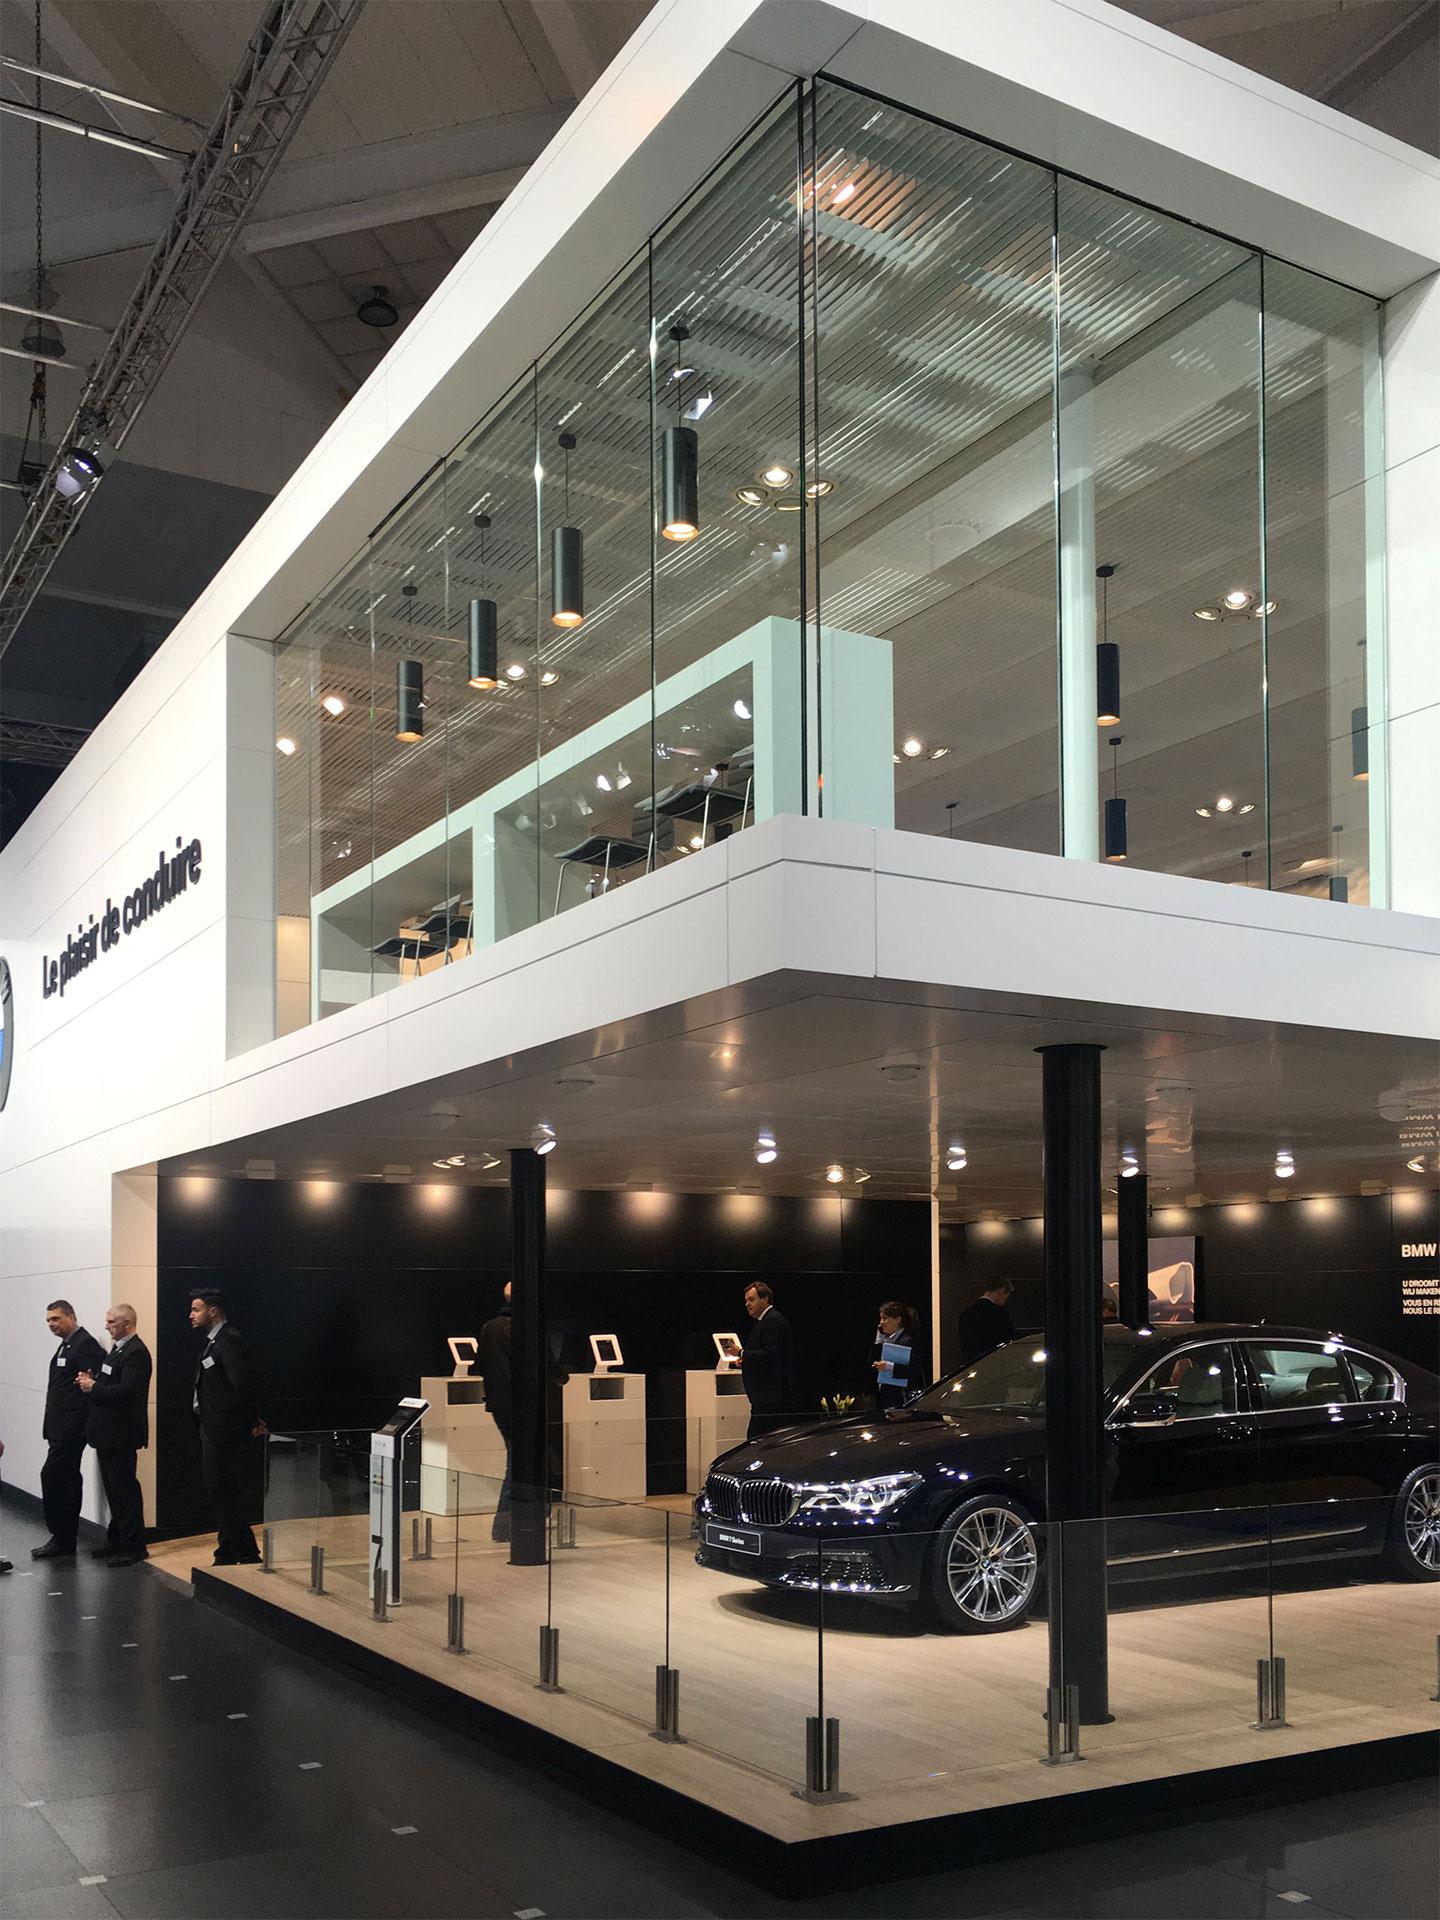 Ksv bmw 95e salon de l 39 automobile de bruxelles - Salon de l etudiant bruxelles ...